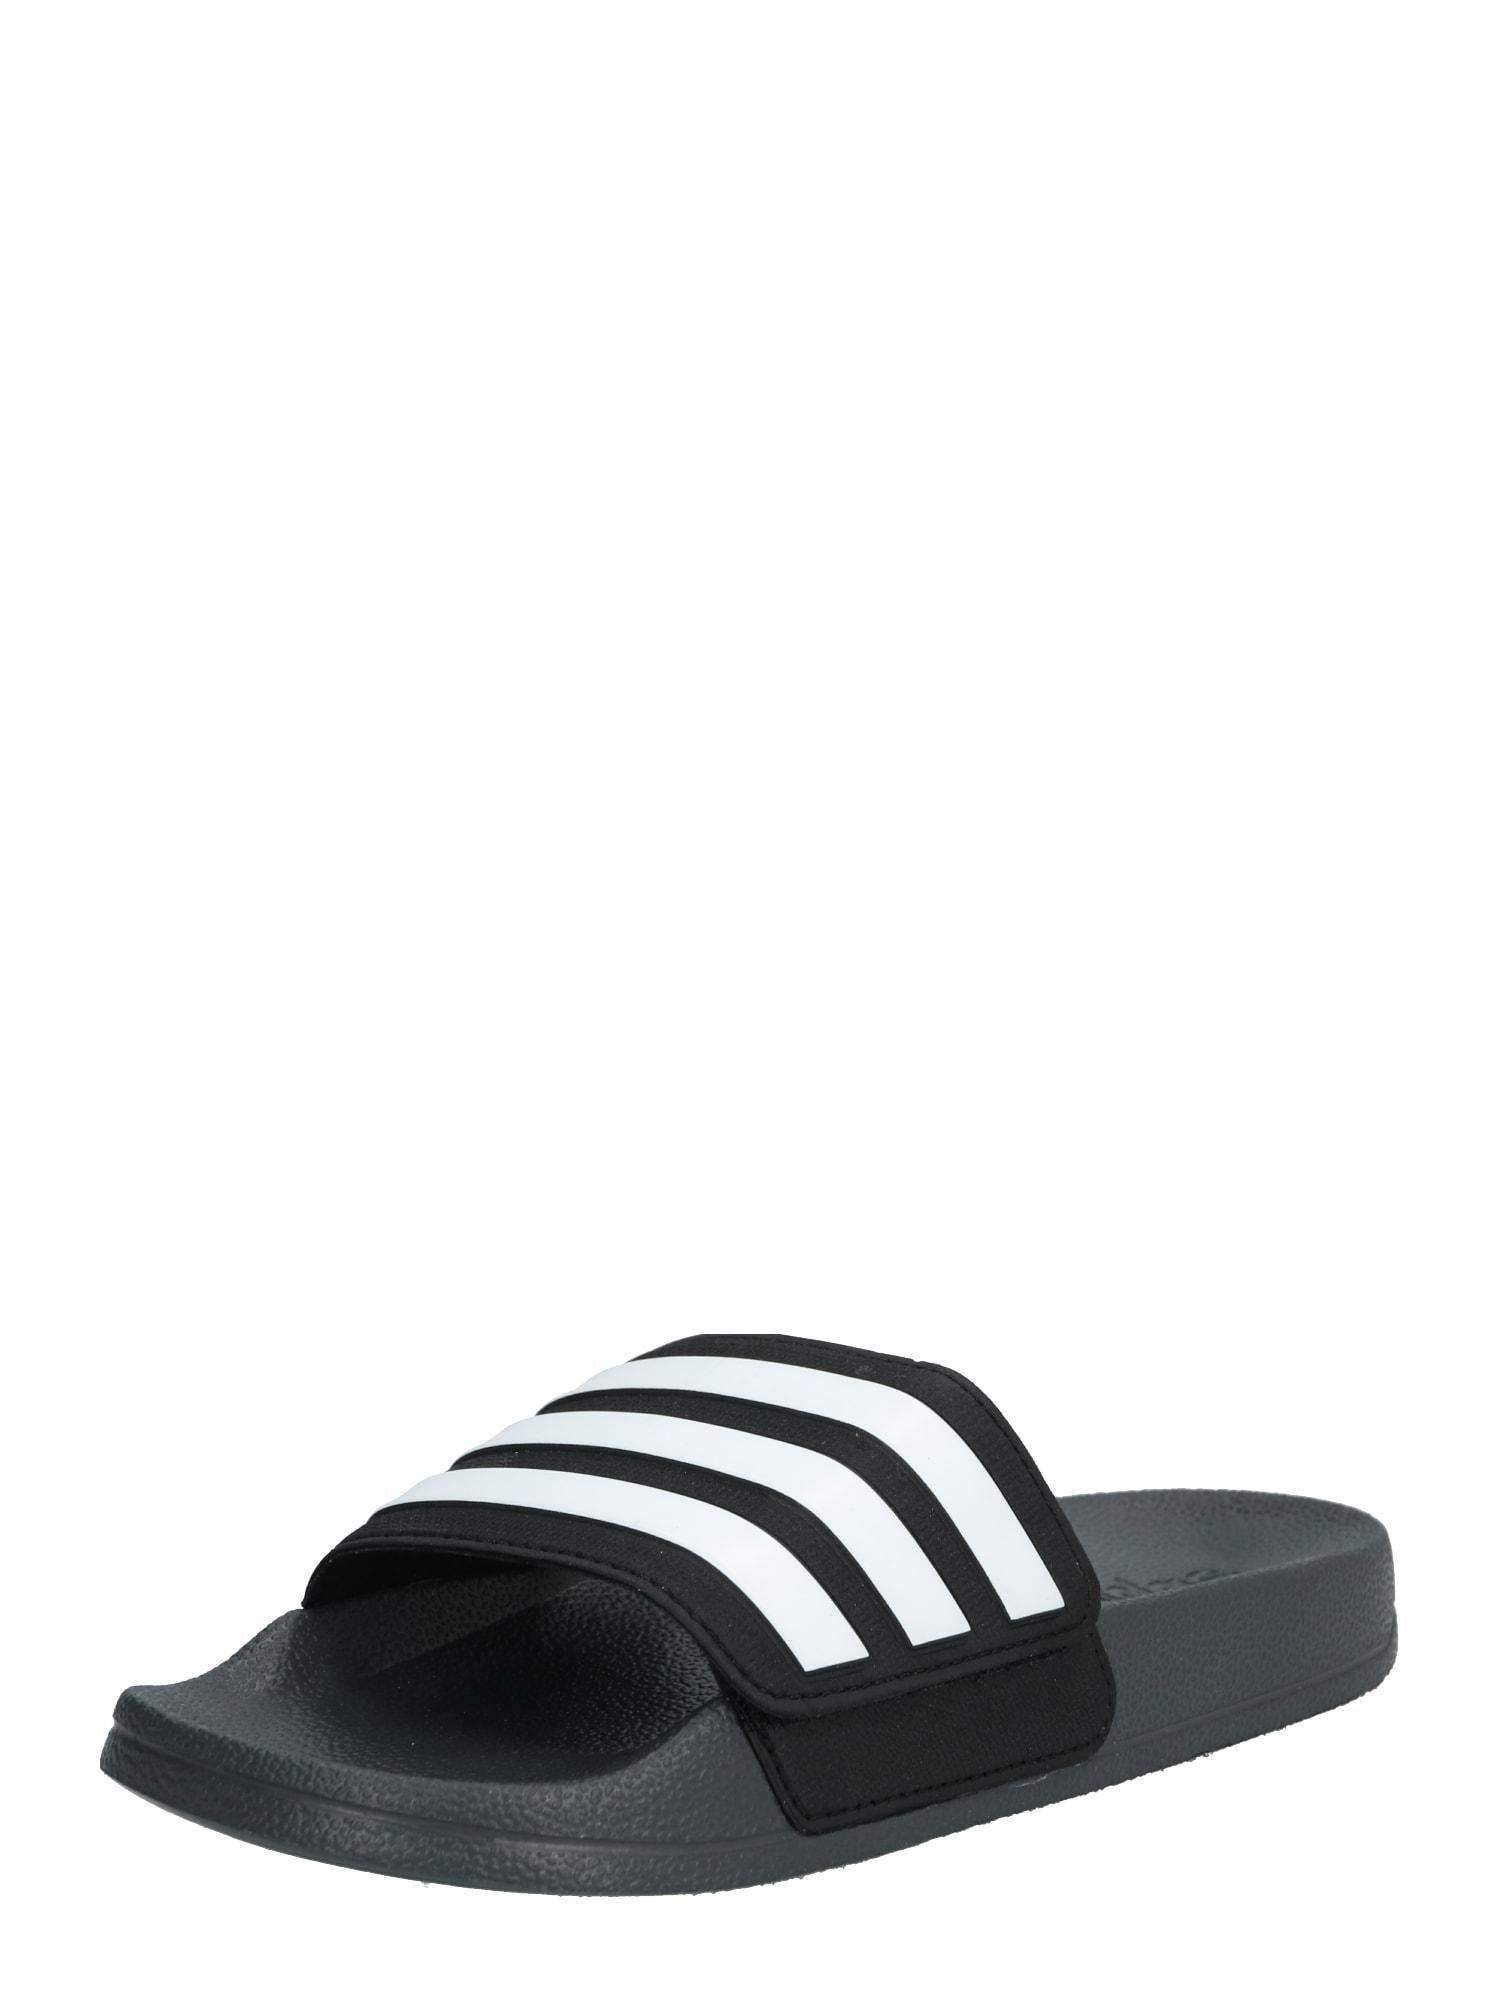 ADIDAS PERFORMANCE Sportiniai batai 'ADILETTE SHOWER ADJ' juoda / pilka / balta